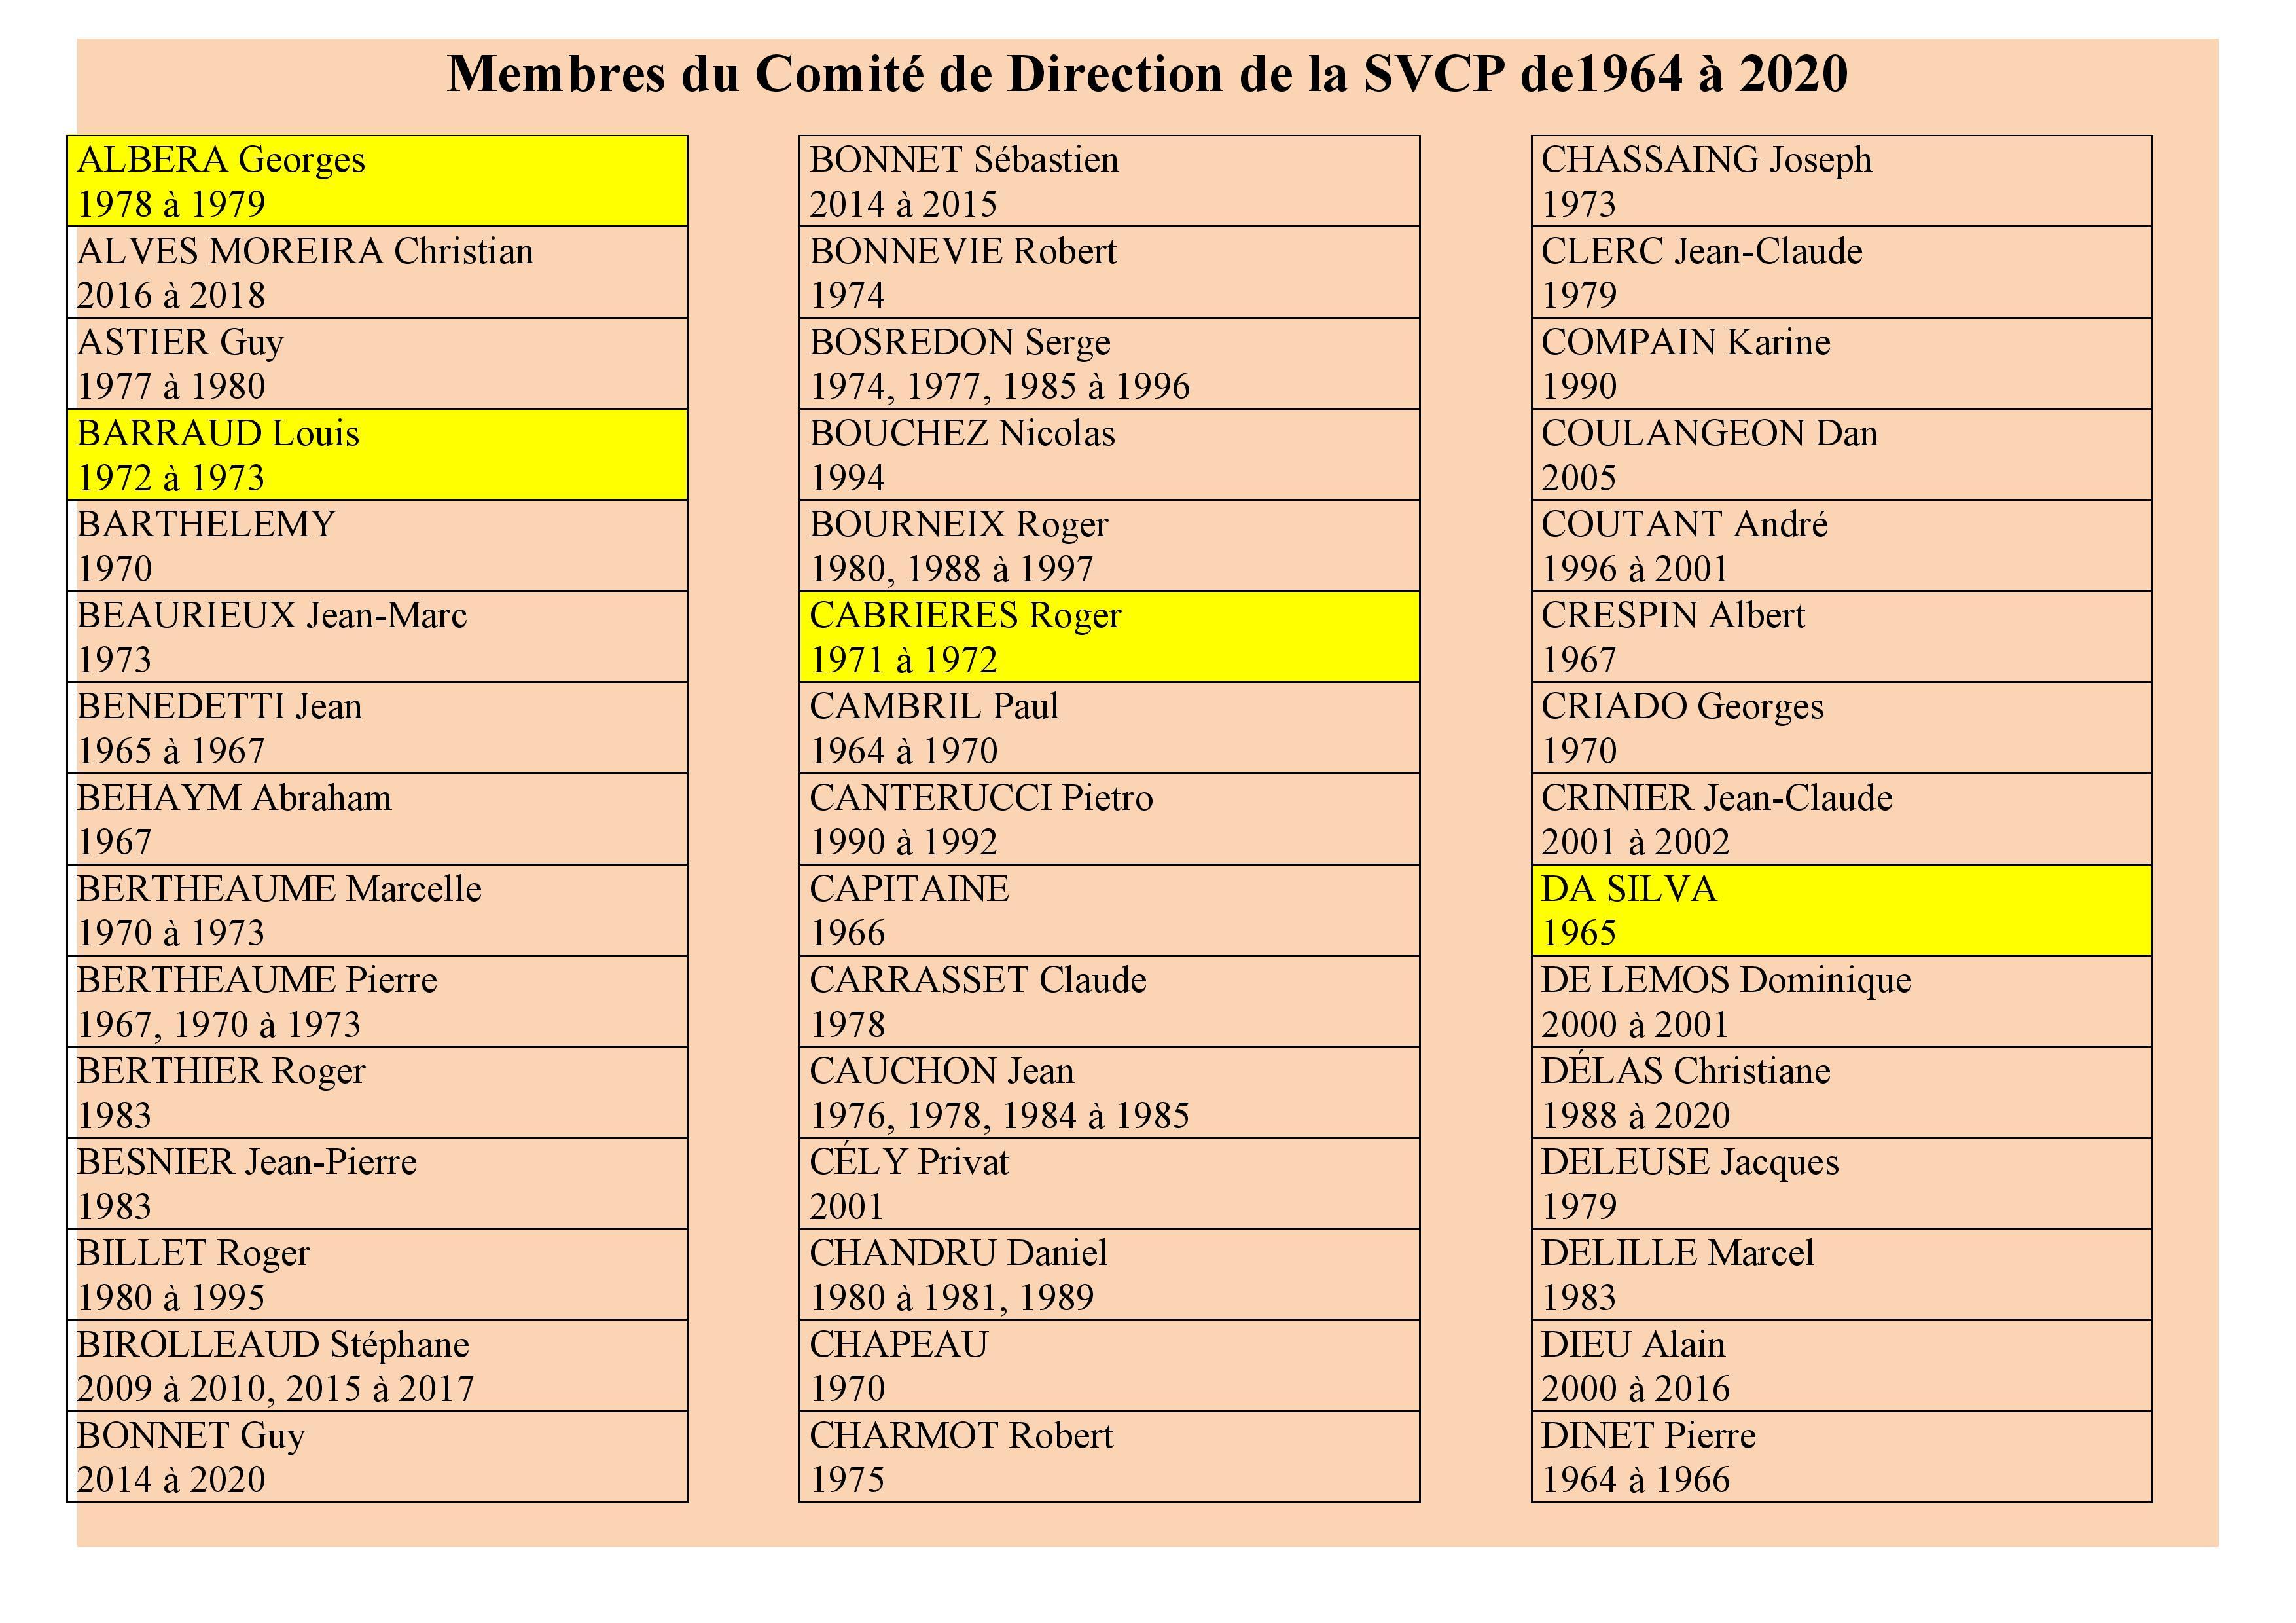 QUI AU COMITE DE DIRECTION DE LA SVCP DE 1964 A 2017?